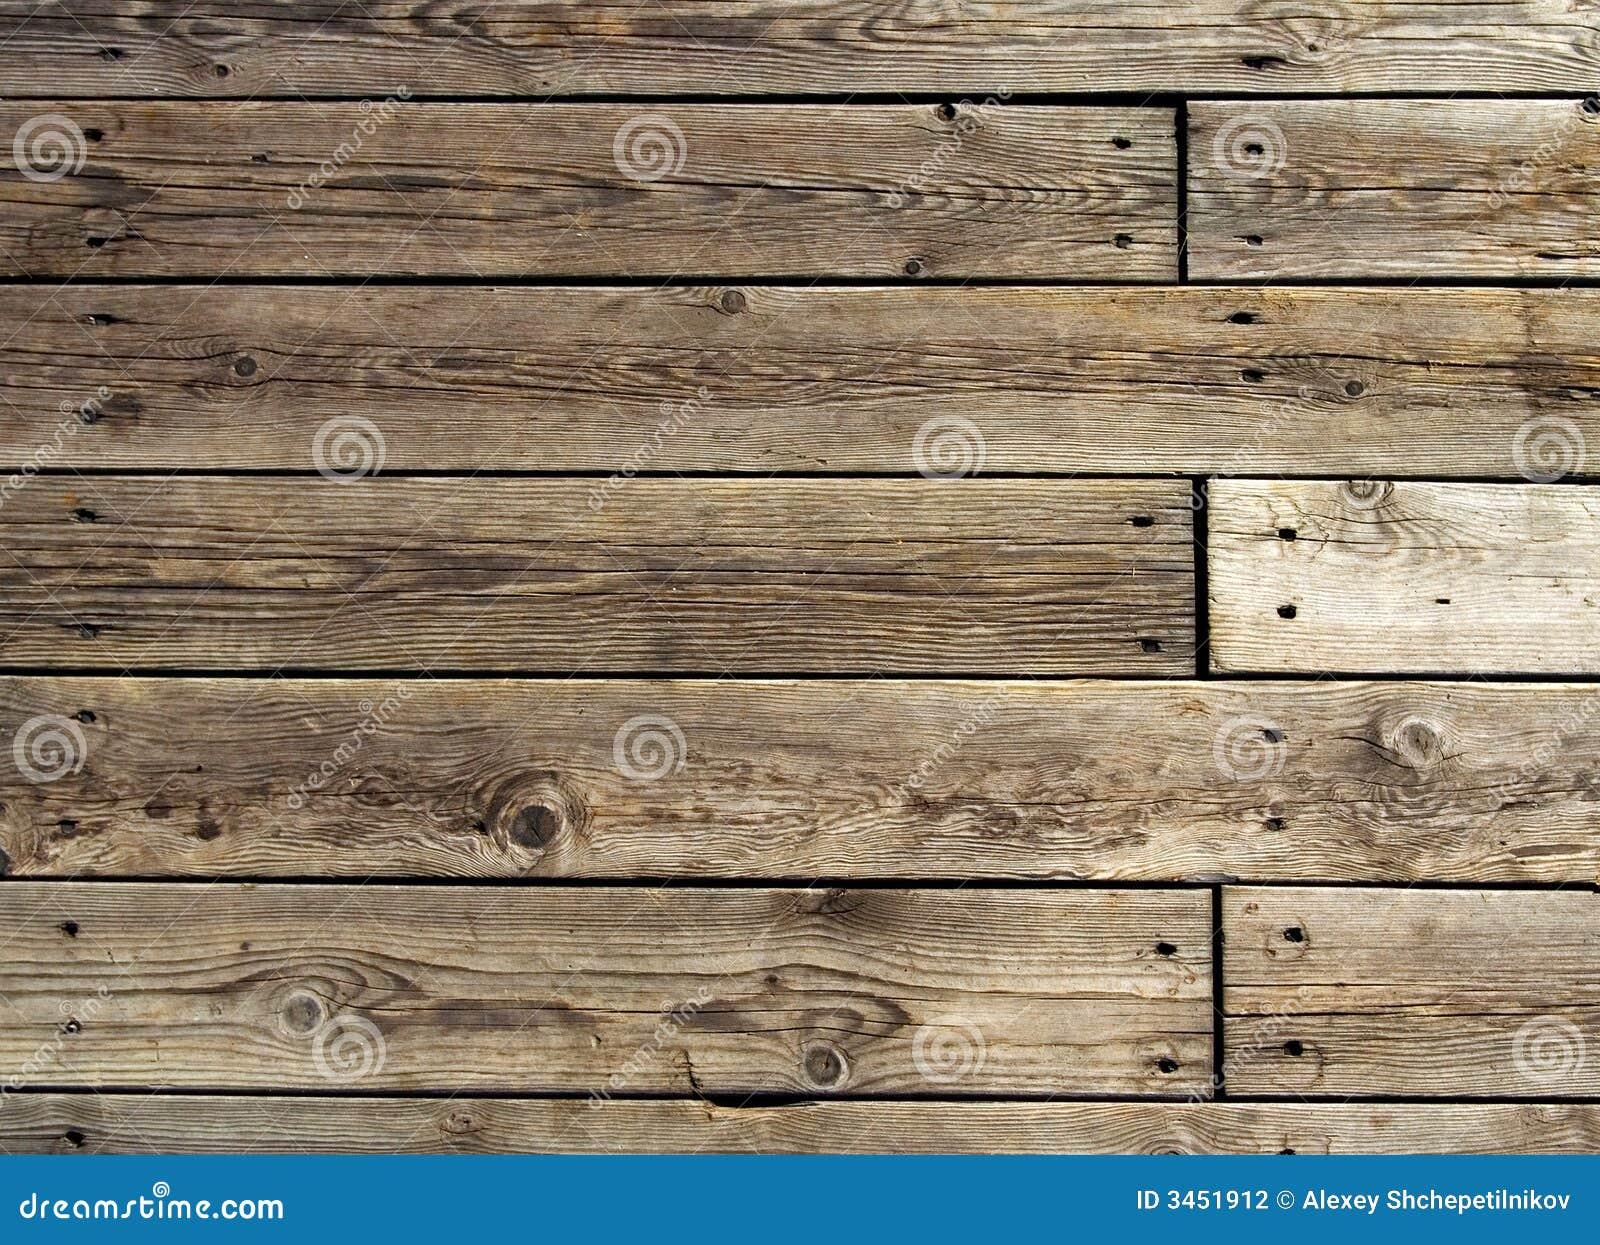 Gebruikte Houten Vloer : Oude houten vloer stock foto afbeelding bestaande uit nave